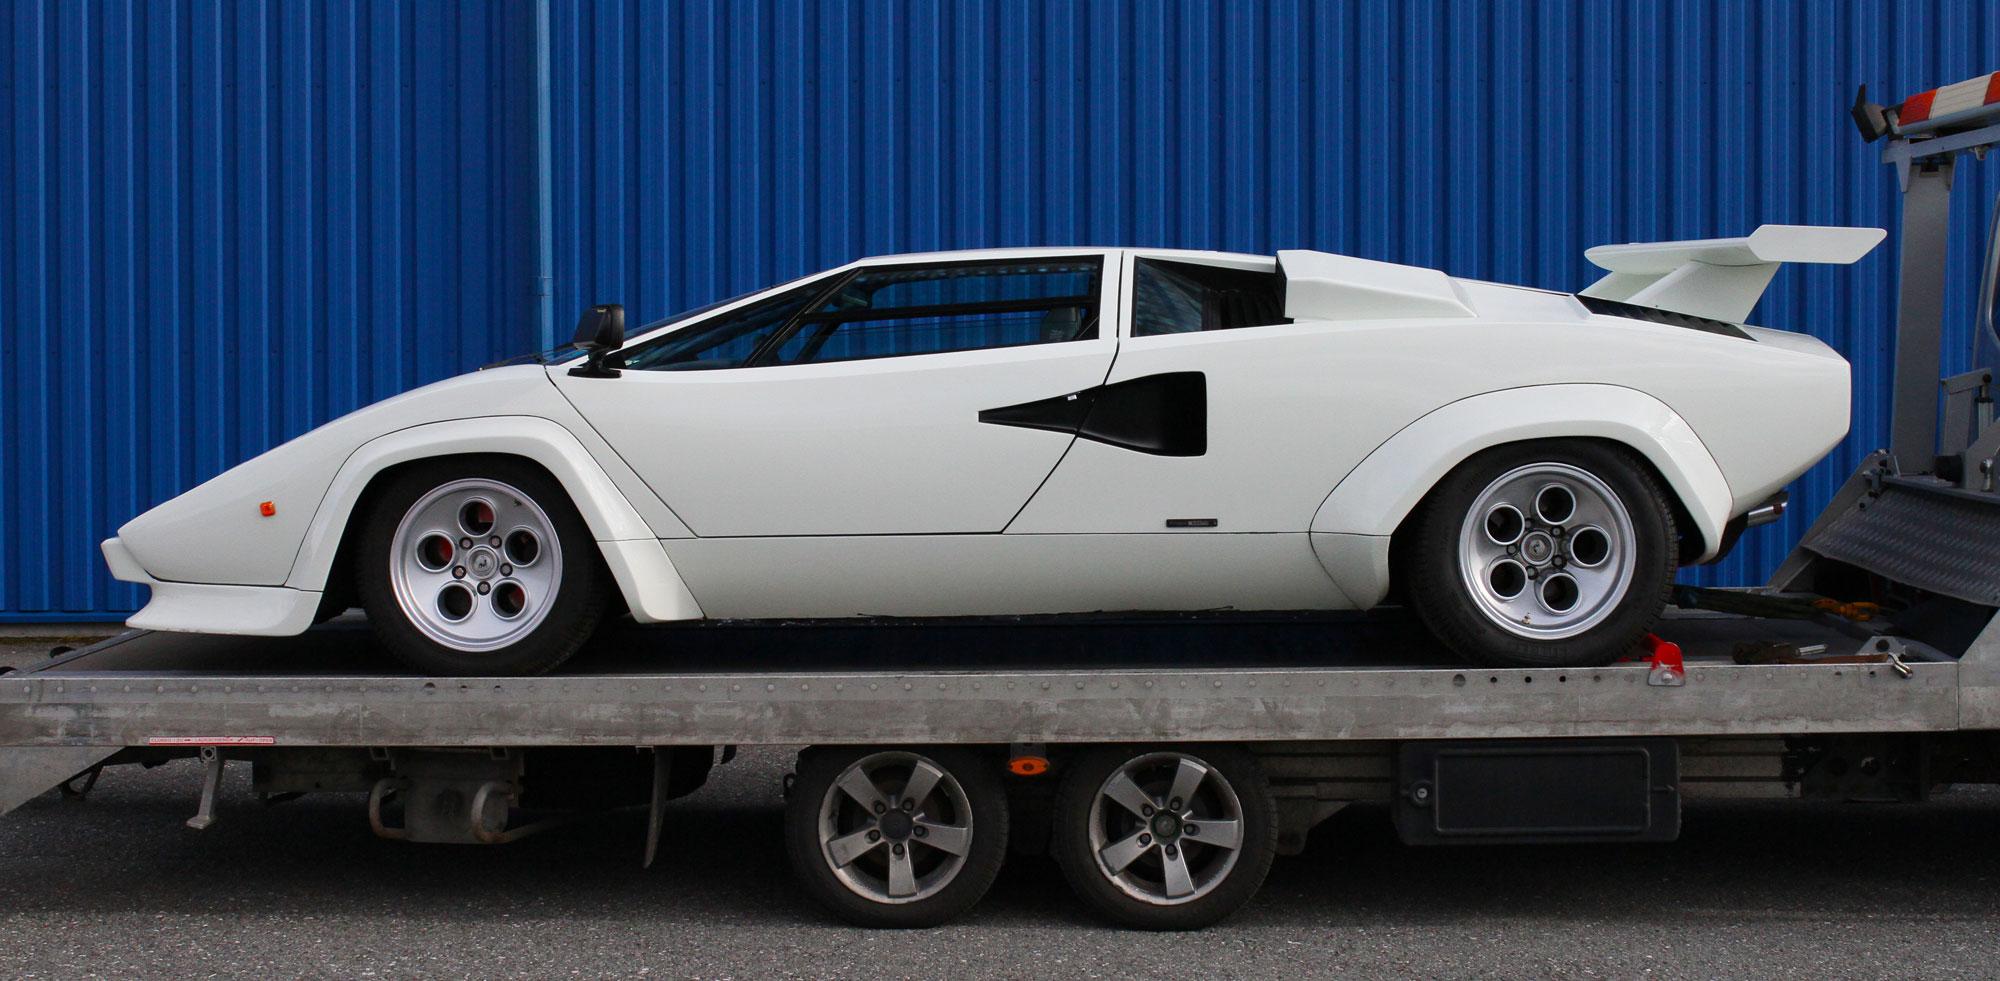 Lamborghini Countach ståendes på en bärgare utanför den blåa lokalen